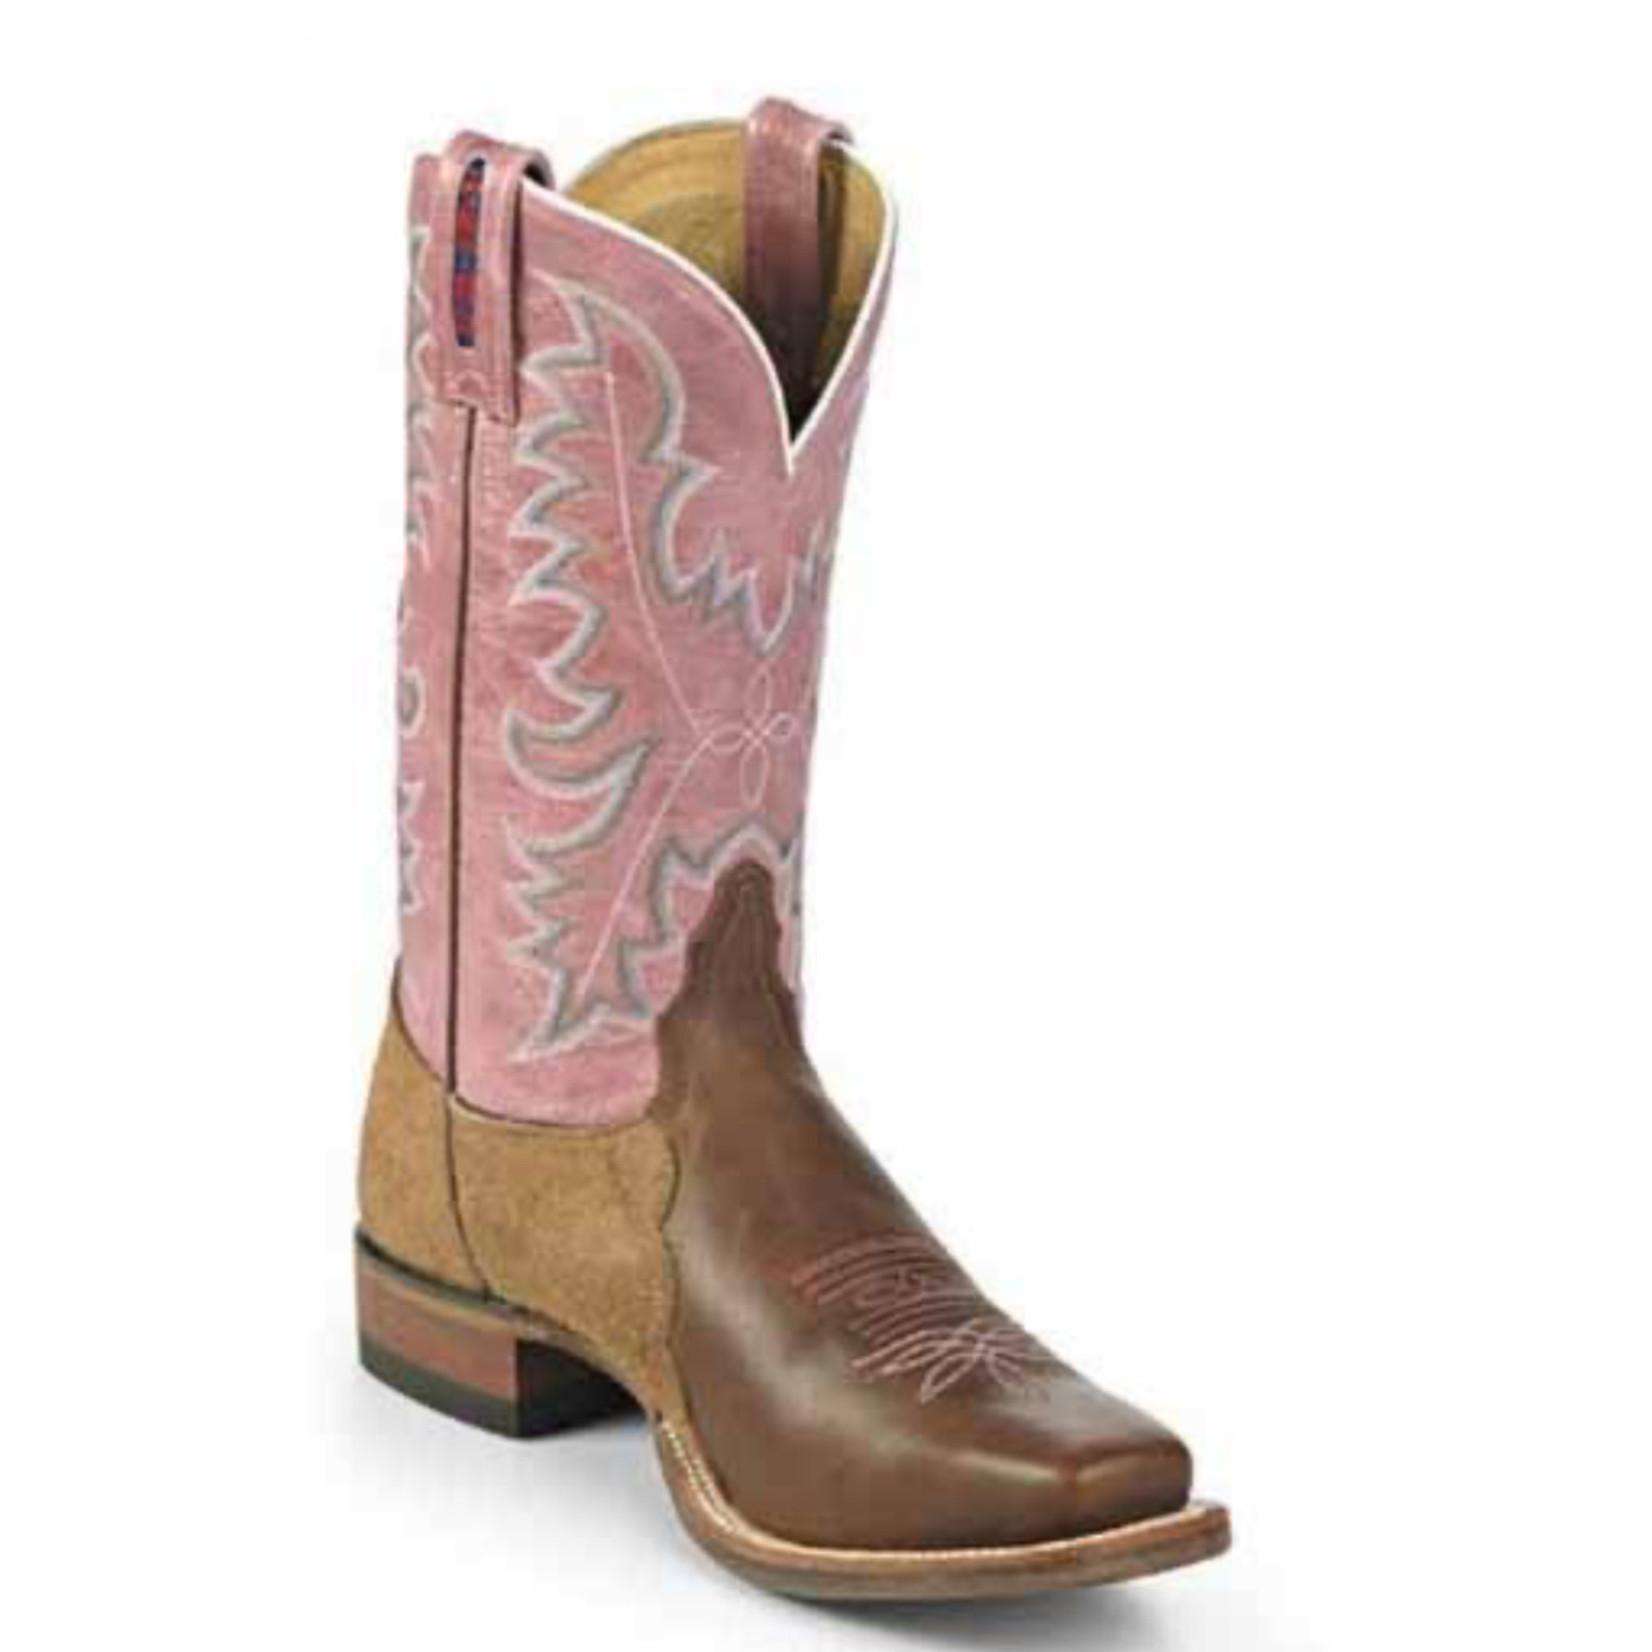 Tony Lama Tony Lama Women's Pink & Brown Square Toe B 1079-L